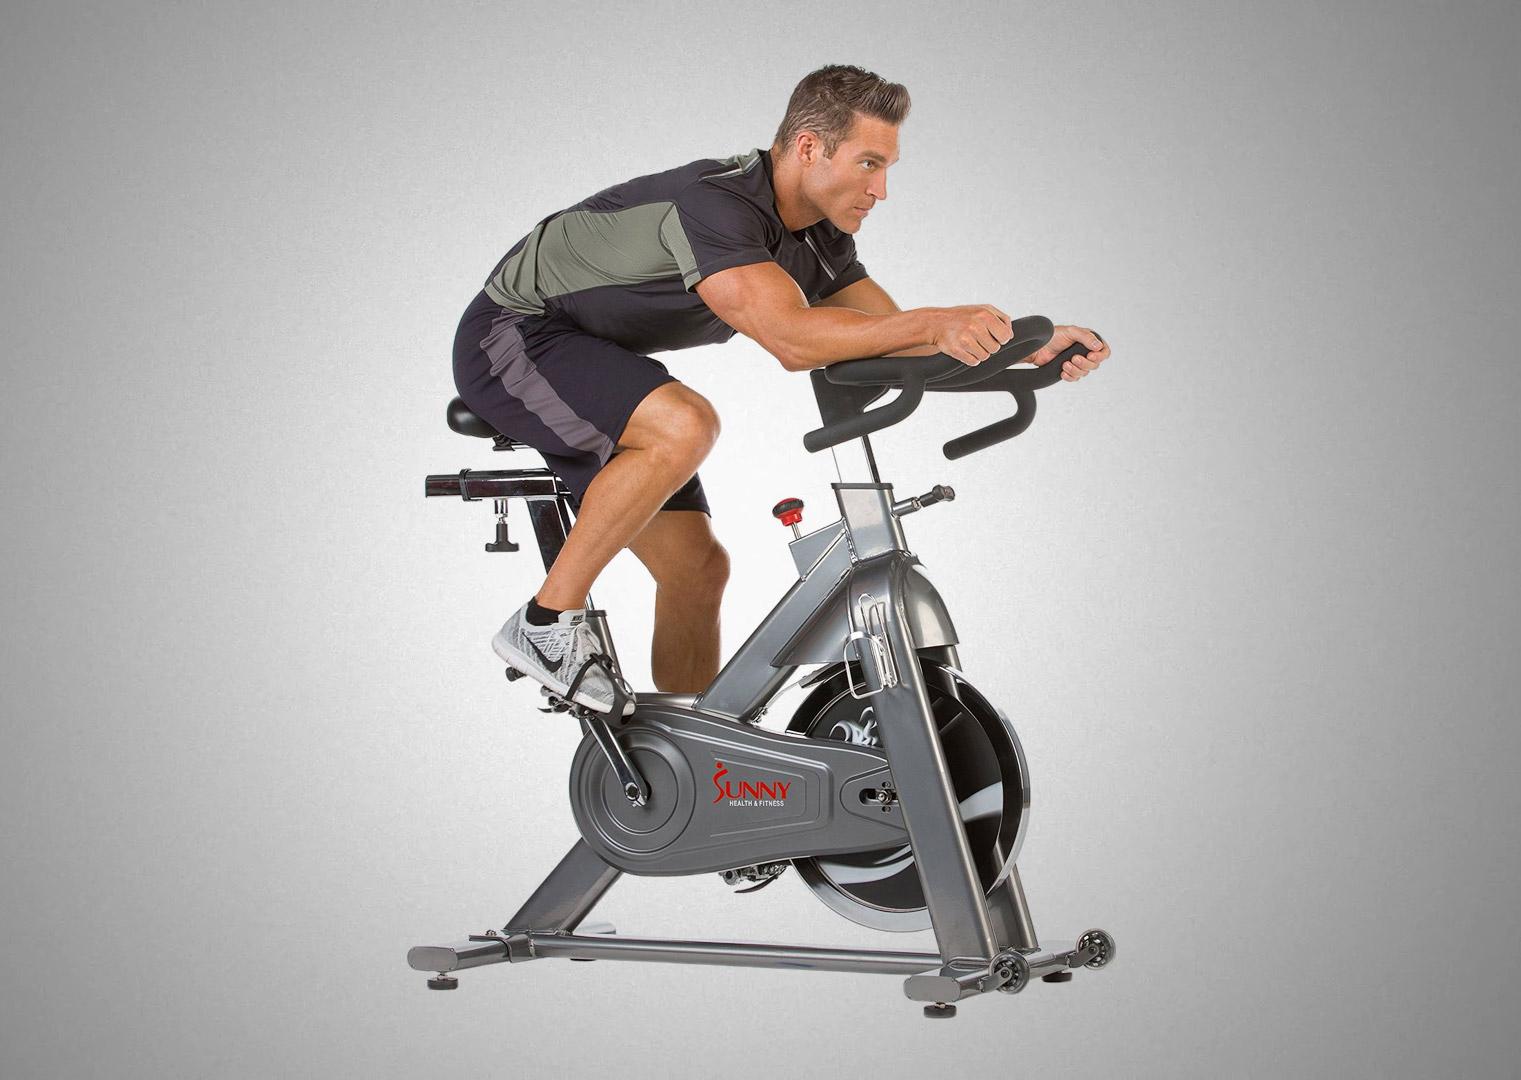 cyclette per perdere peso